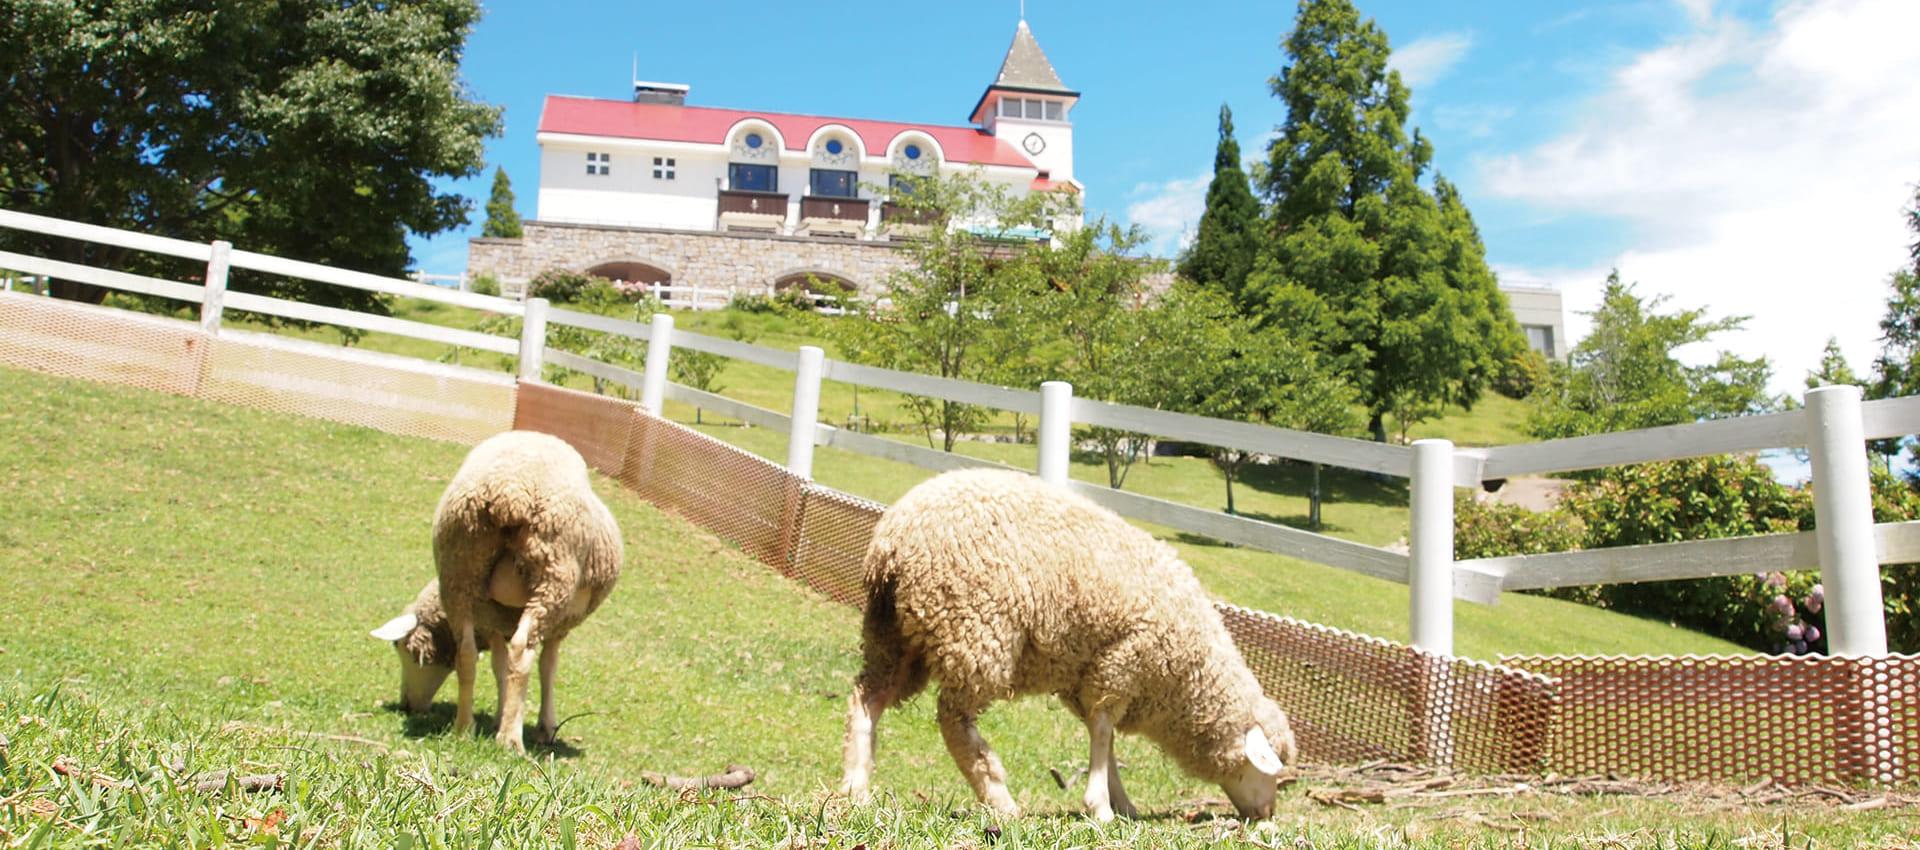 六甲山牧場で羊が牧草を食べています。